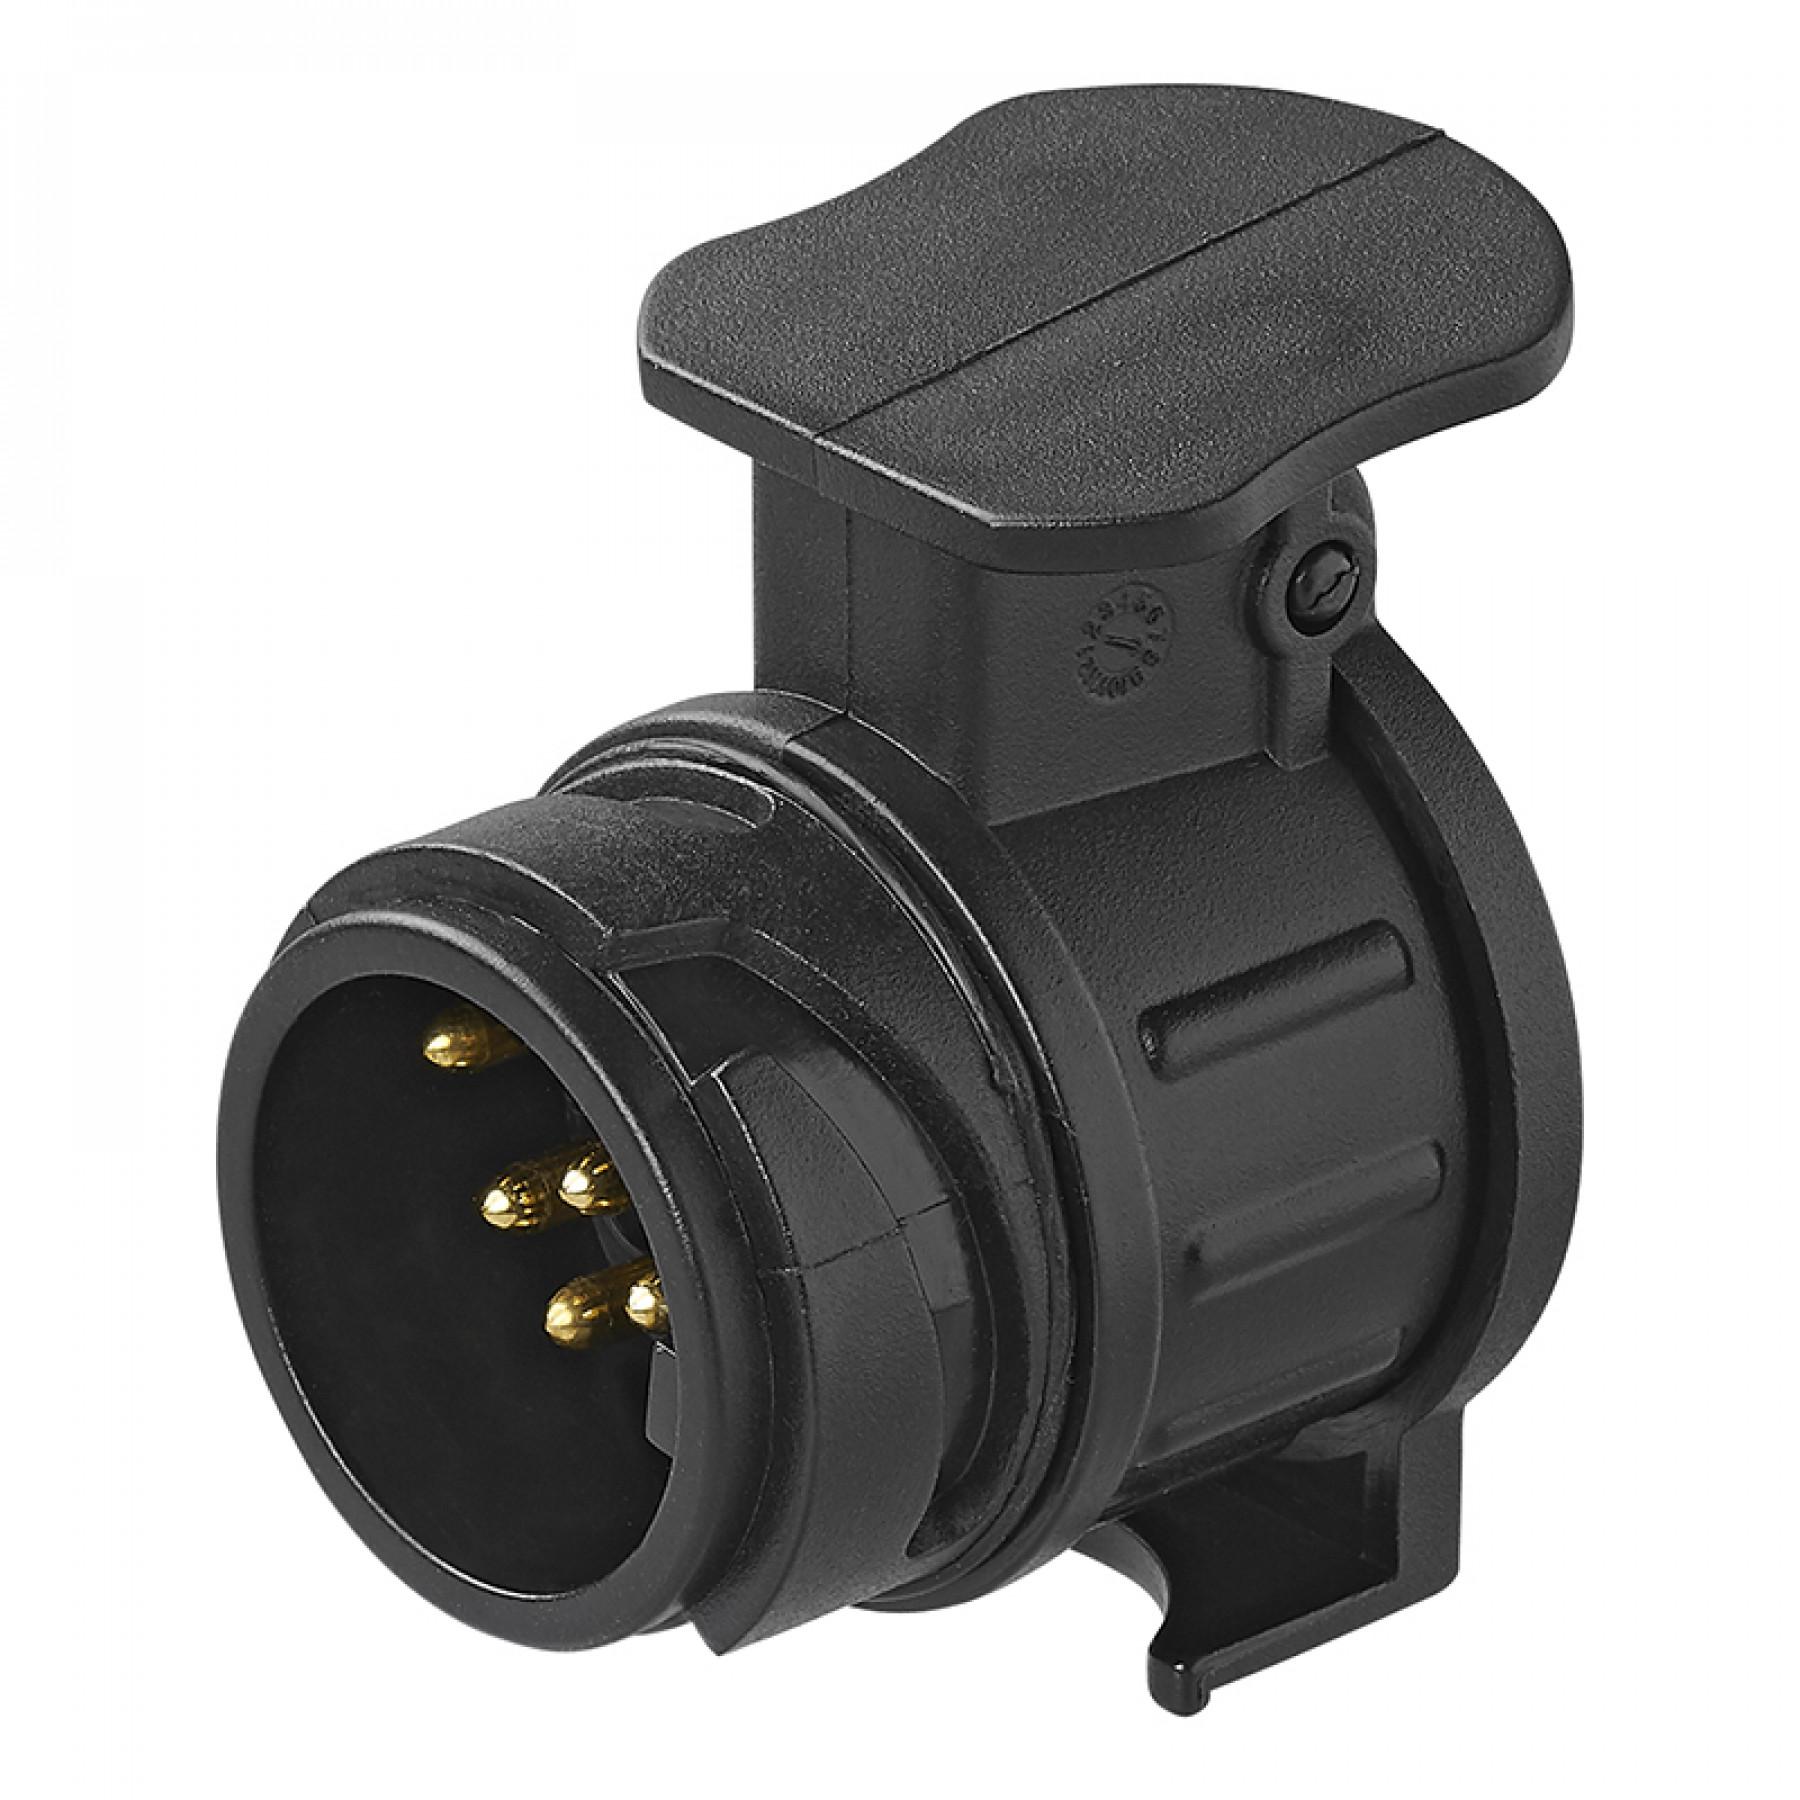 Verloopstekker/adapter 13-polig > 7-polig kort blister